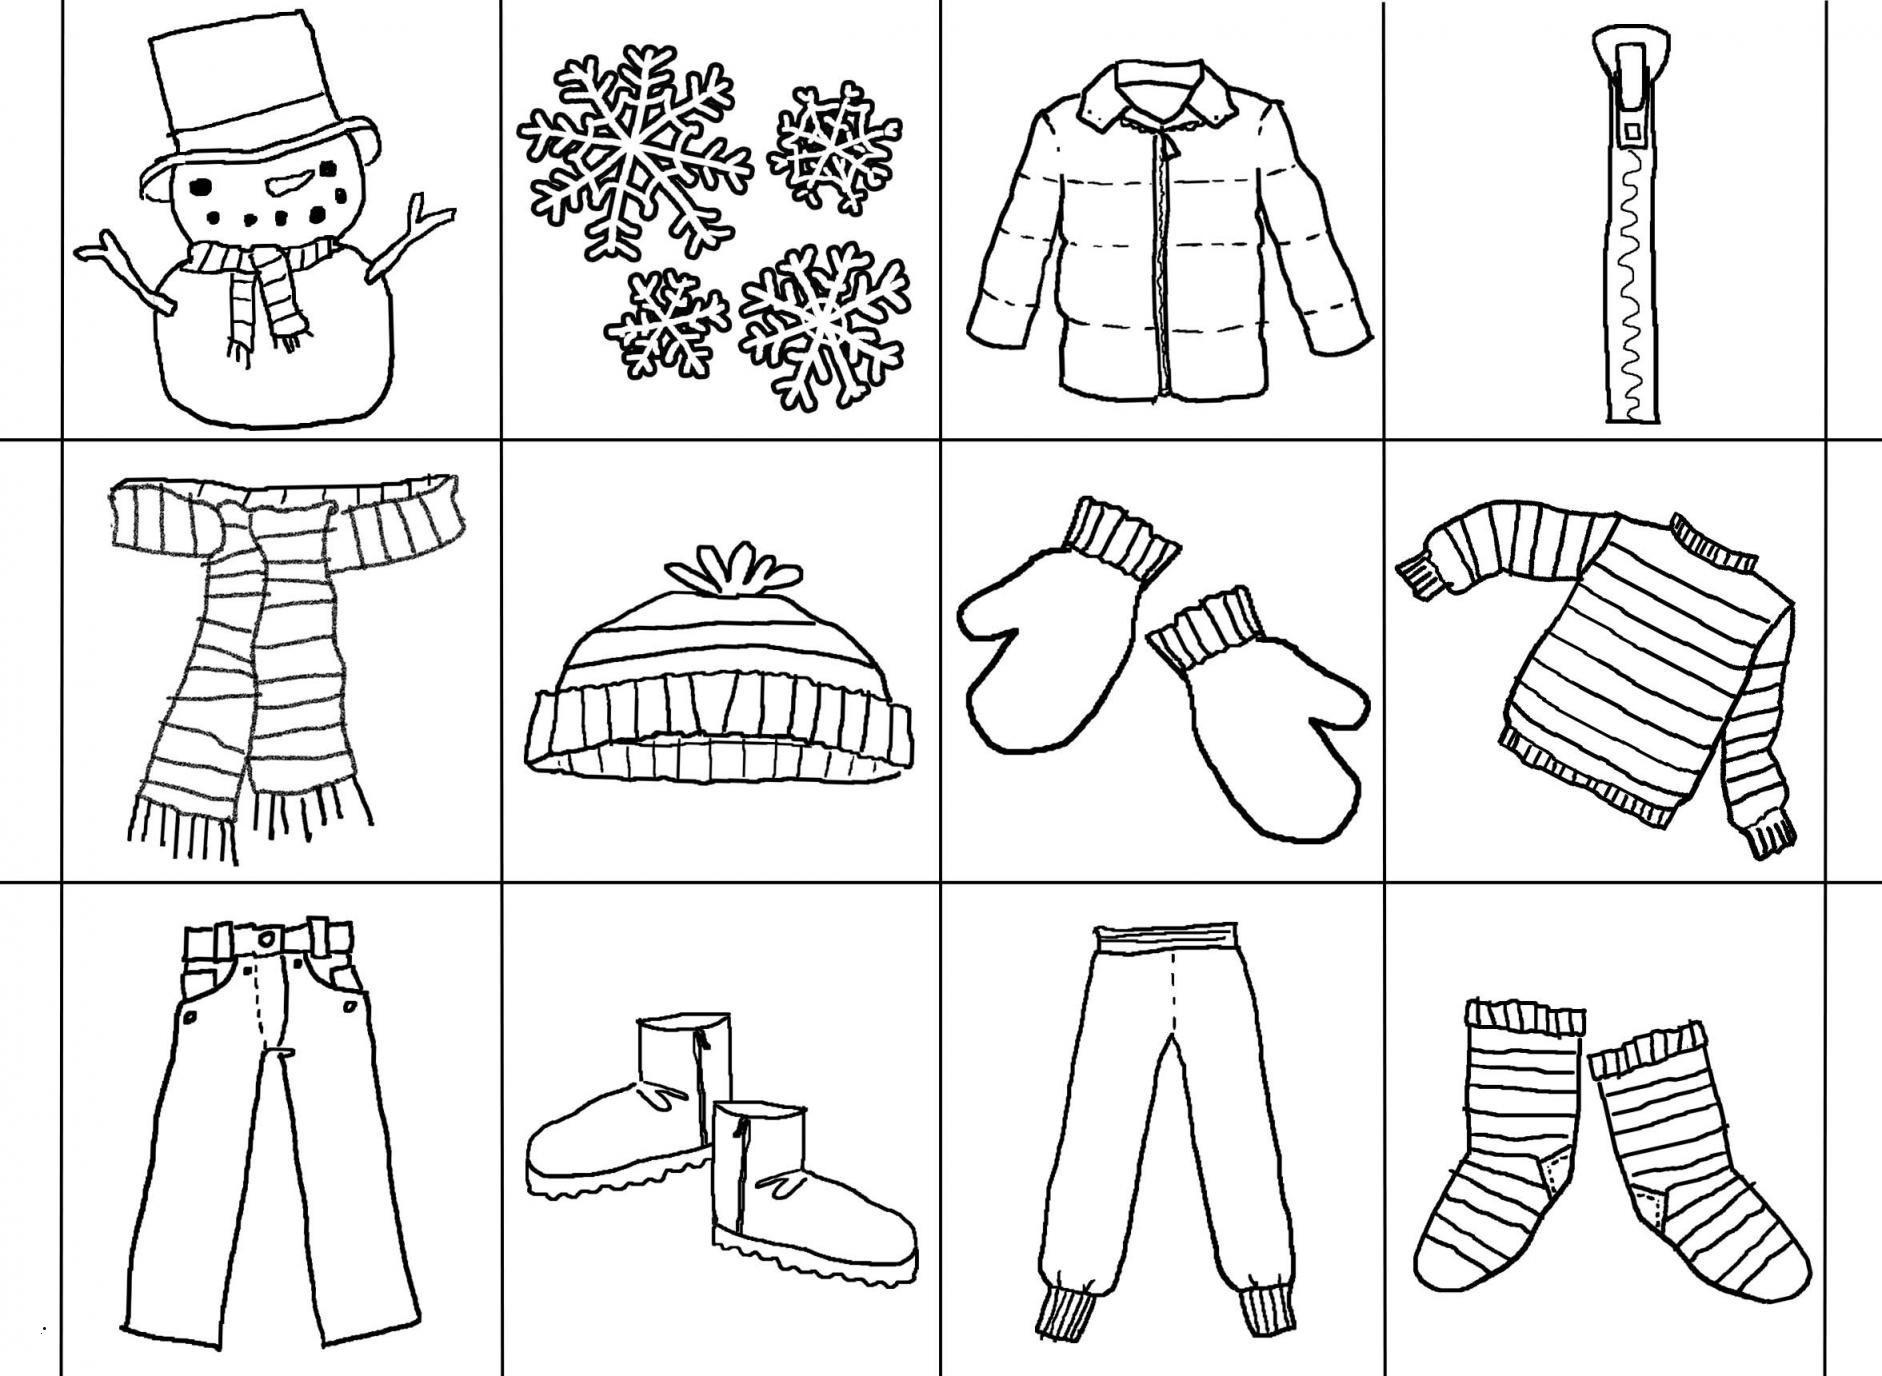 Manuel Neuer Ausmalbilder Genial 48 Idee Coole Ausmalbilder Zum Ausdrucken Treehouse Nyc Das Bild